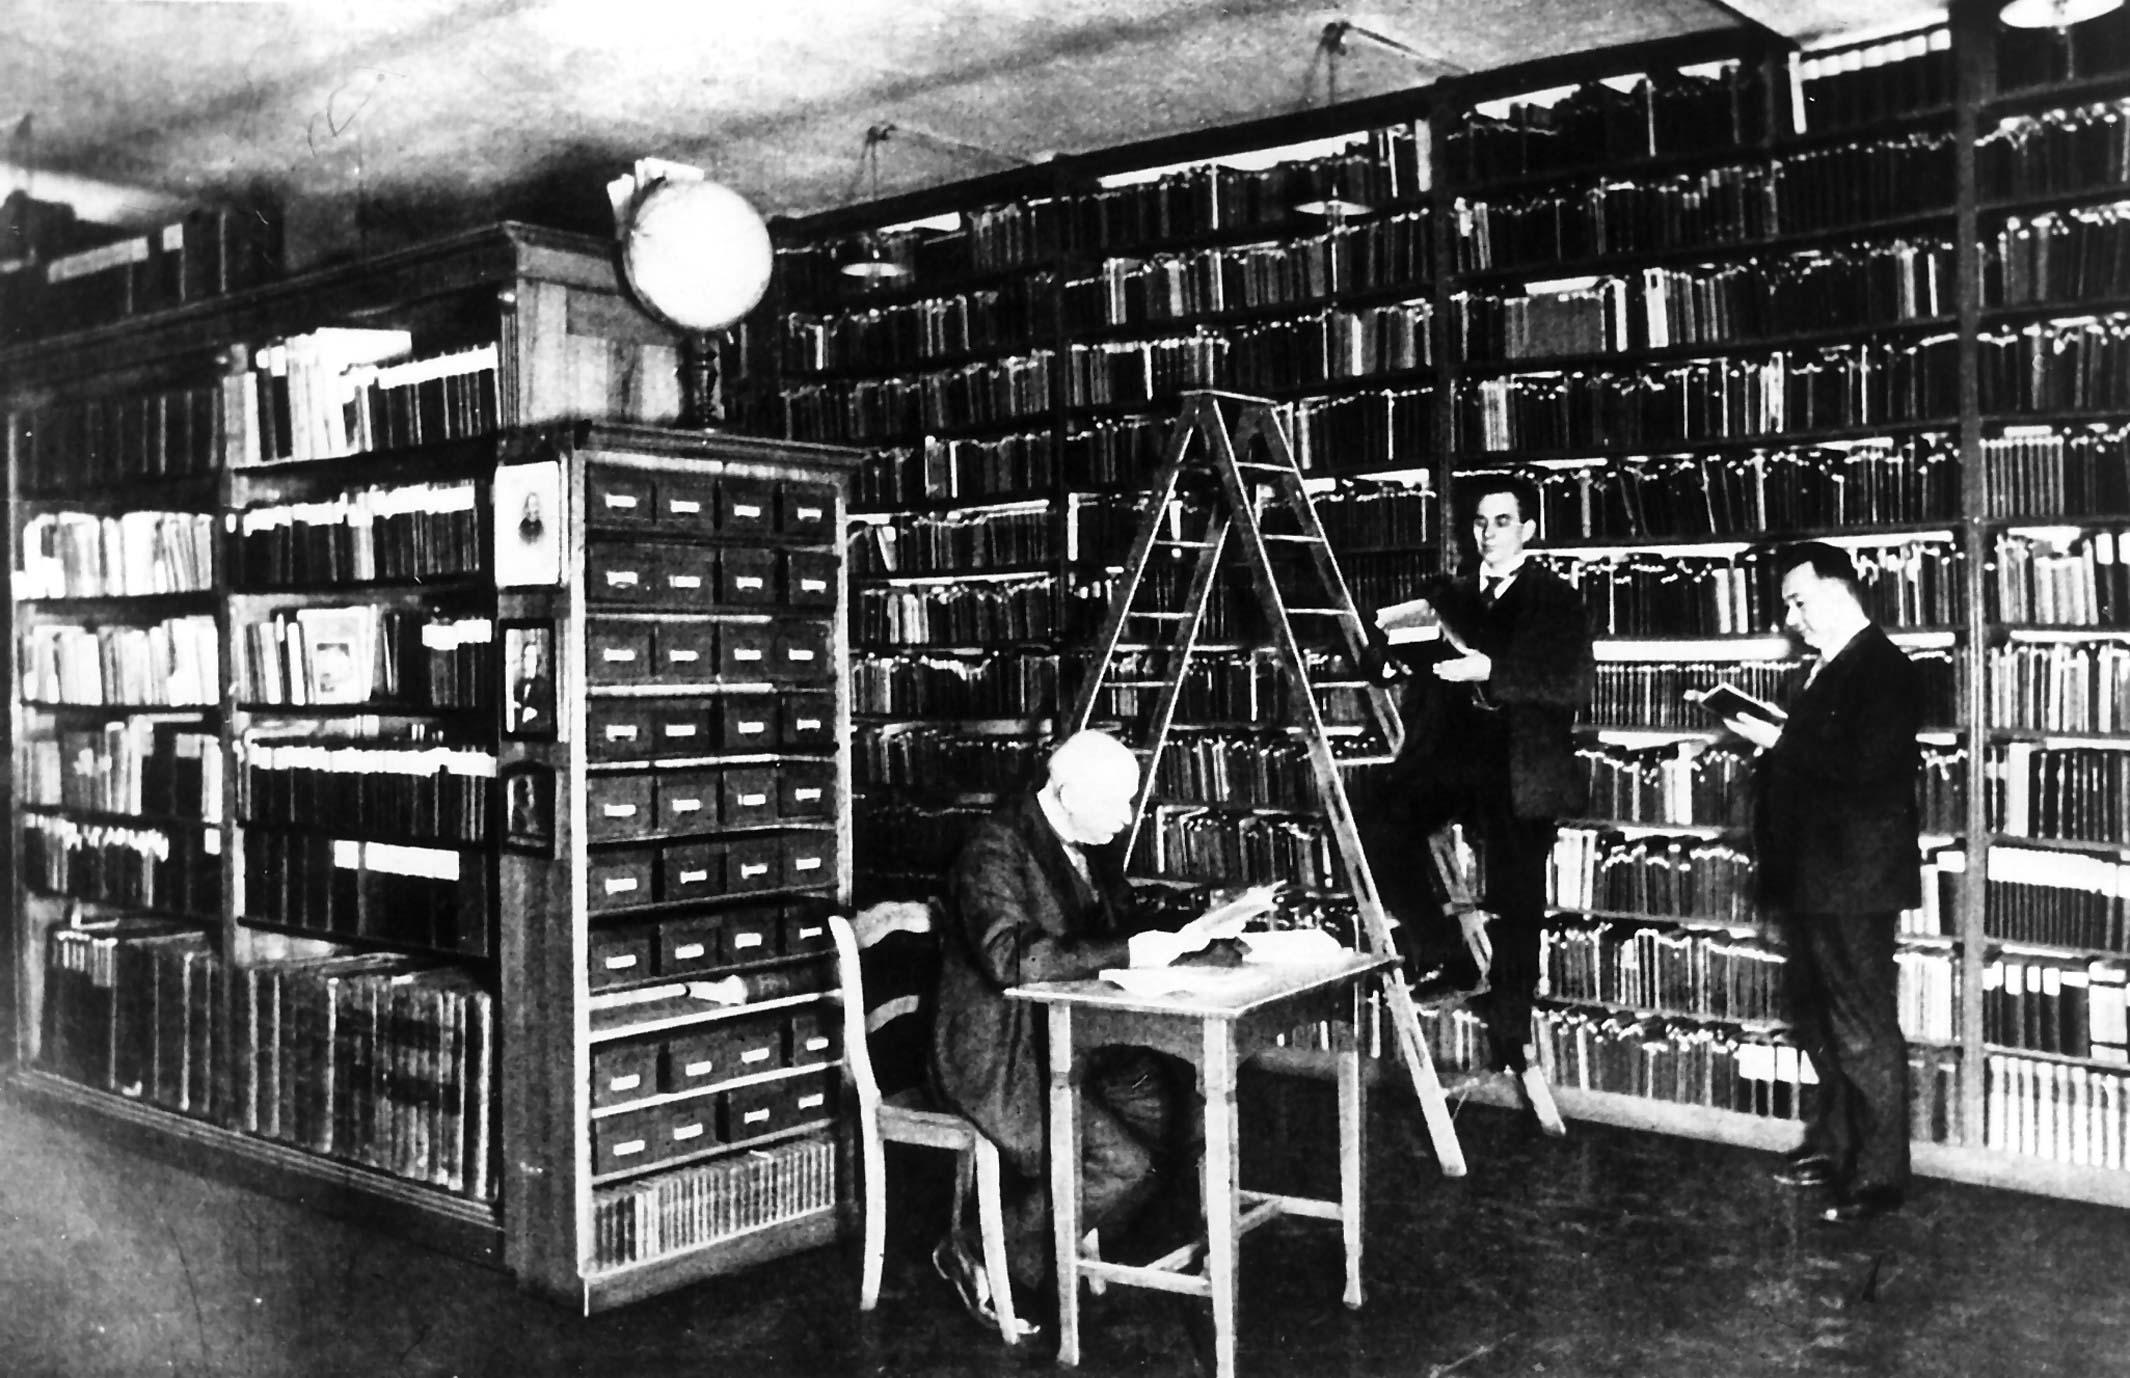 Gruppenaufnahme Parteiarchiv und Parteibibliothek